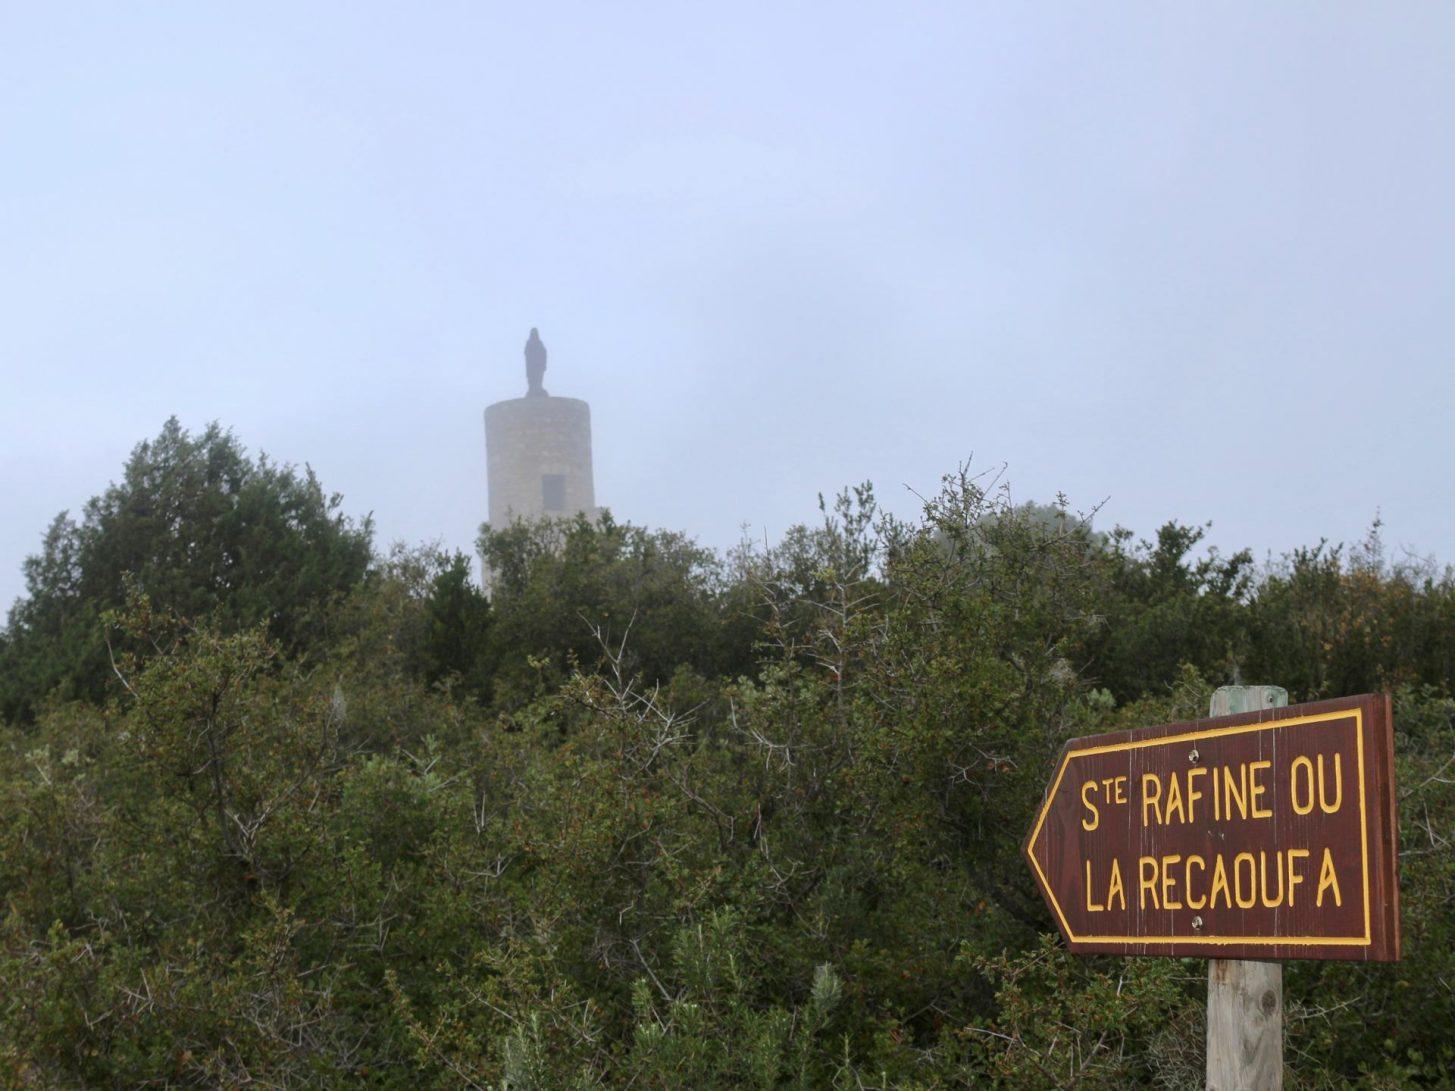 La vierge de la Récaoufa dans la brume sur le Sentier cathare © Gaelle Gueguen - Villemarcheurs